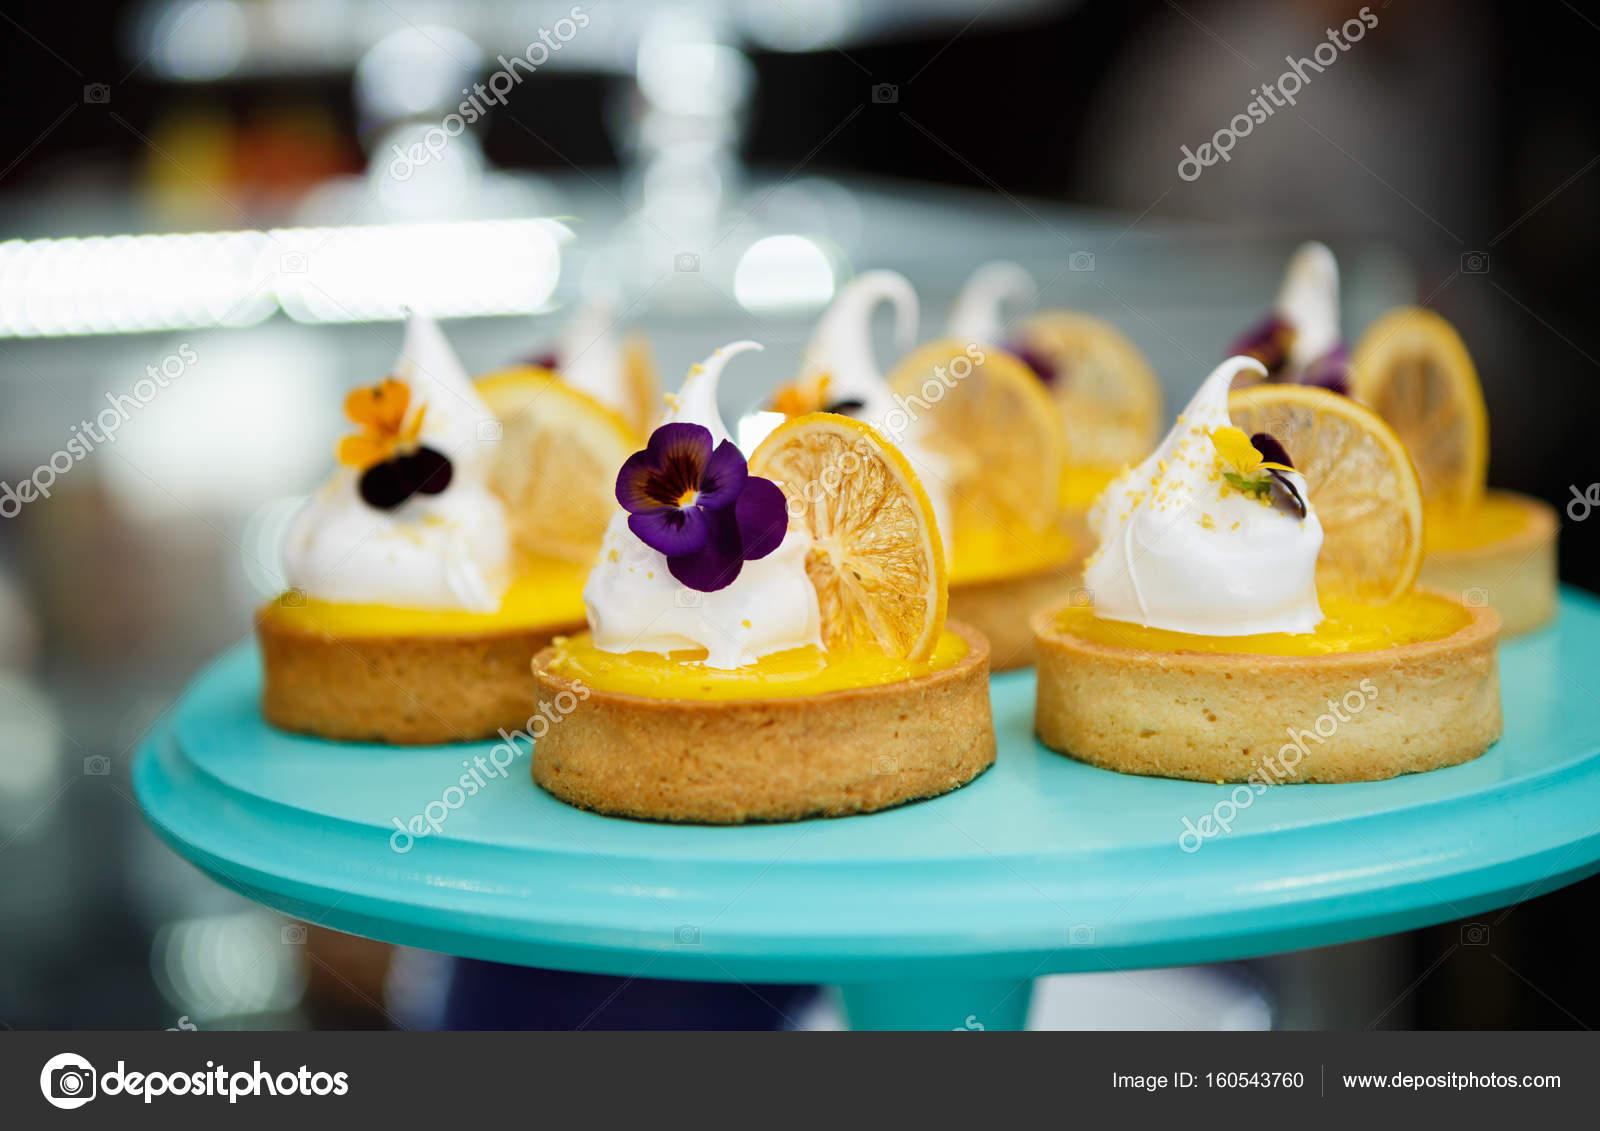 Schone Kleine Torte Torte Mit Zitrusfruchten Keks Creme